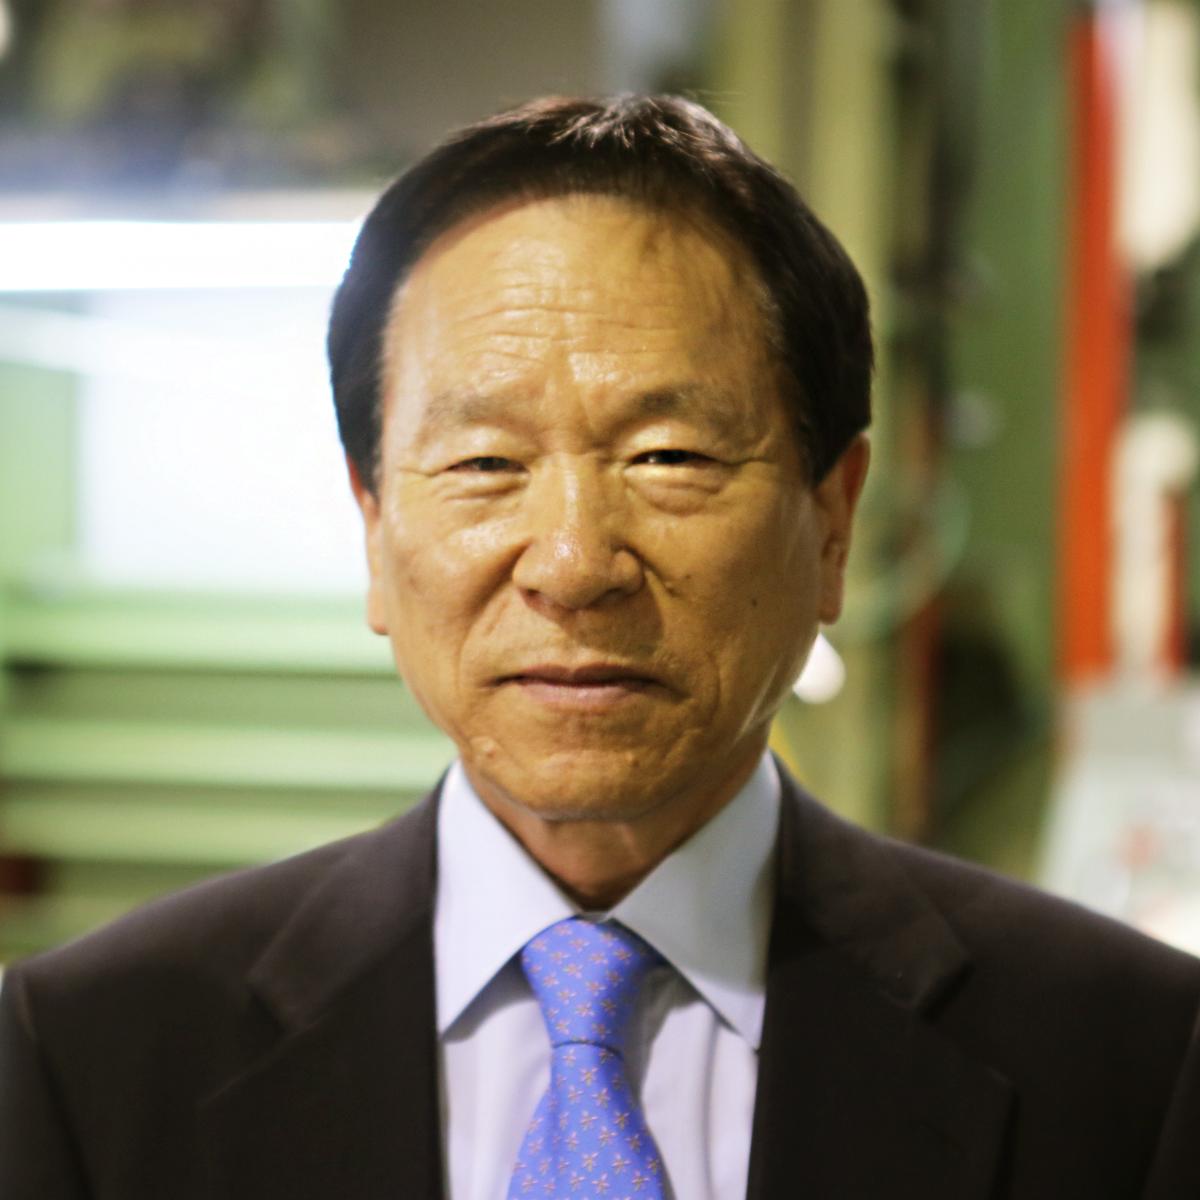 Gil Pyung Kim